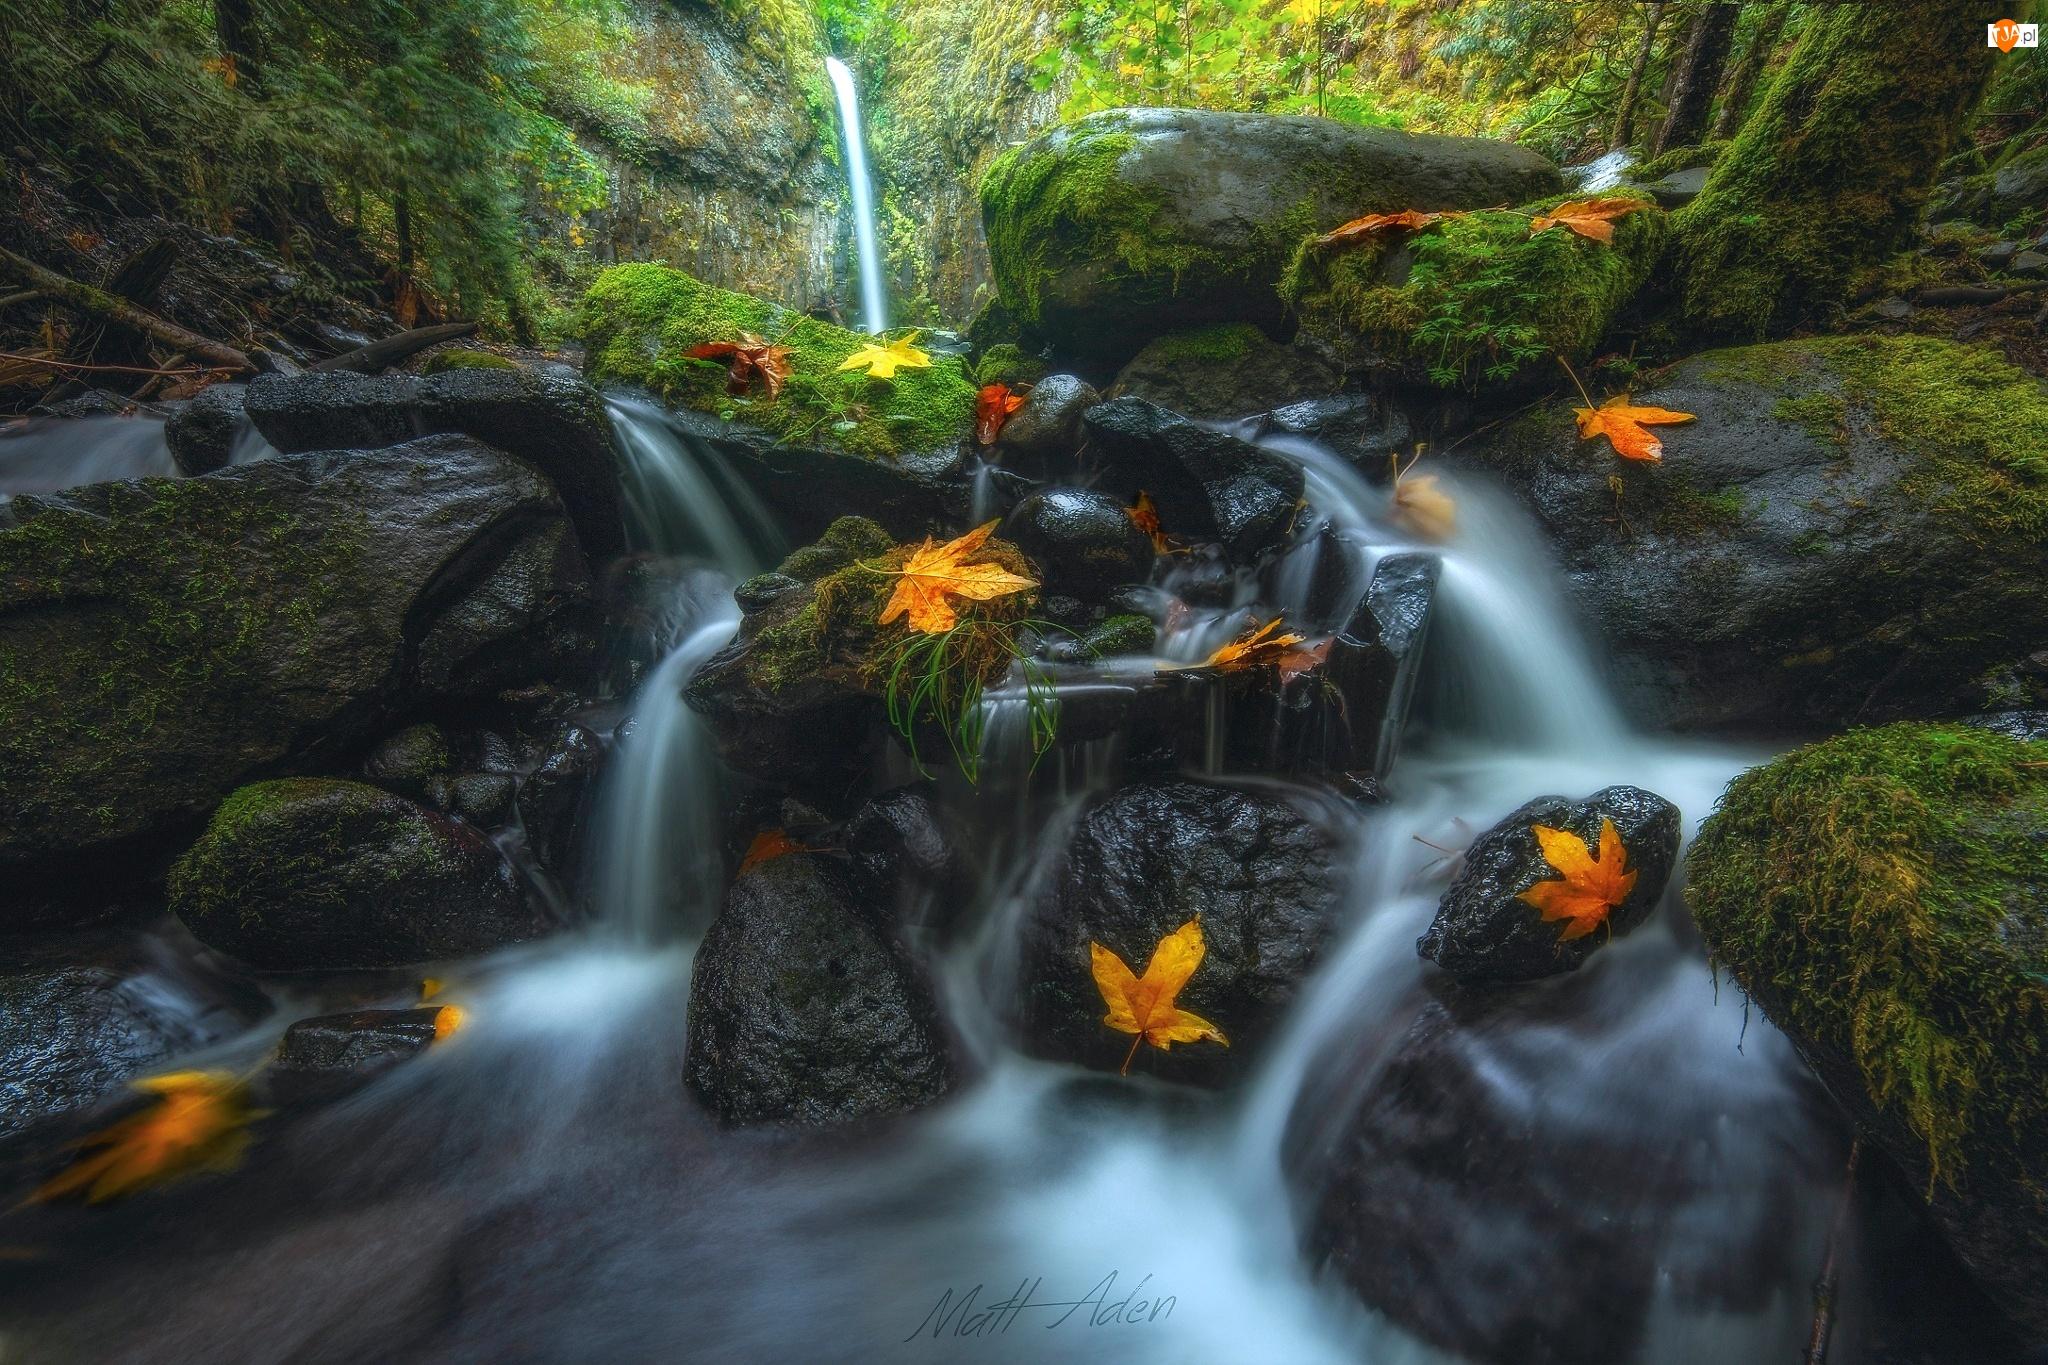 Roślinność, Las, Jesień, Mech, Stany Zjednoczone, Rezerwat przyrody Columbia River Gorge, Strumień, Stan Oregon, Kamienie, Wodospad Dry Creek Falls, Liście